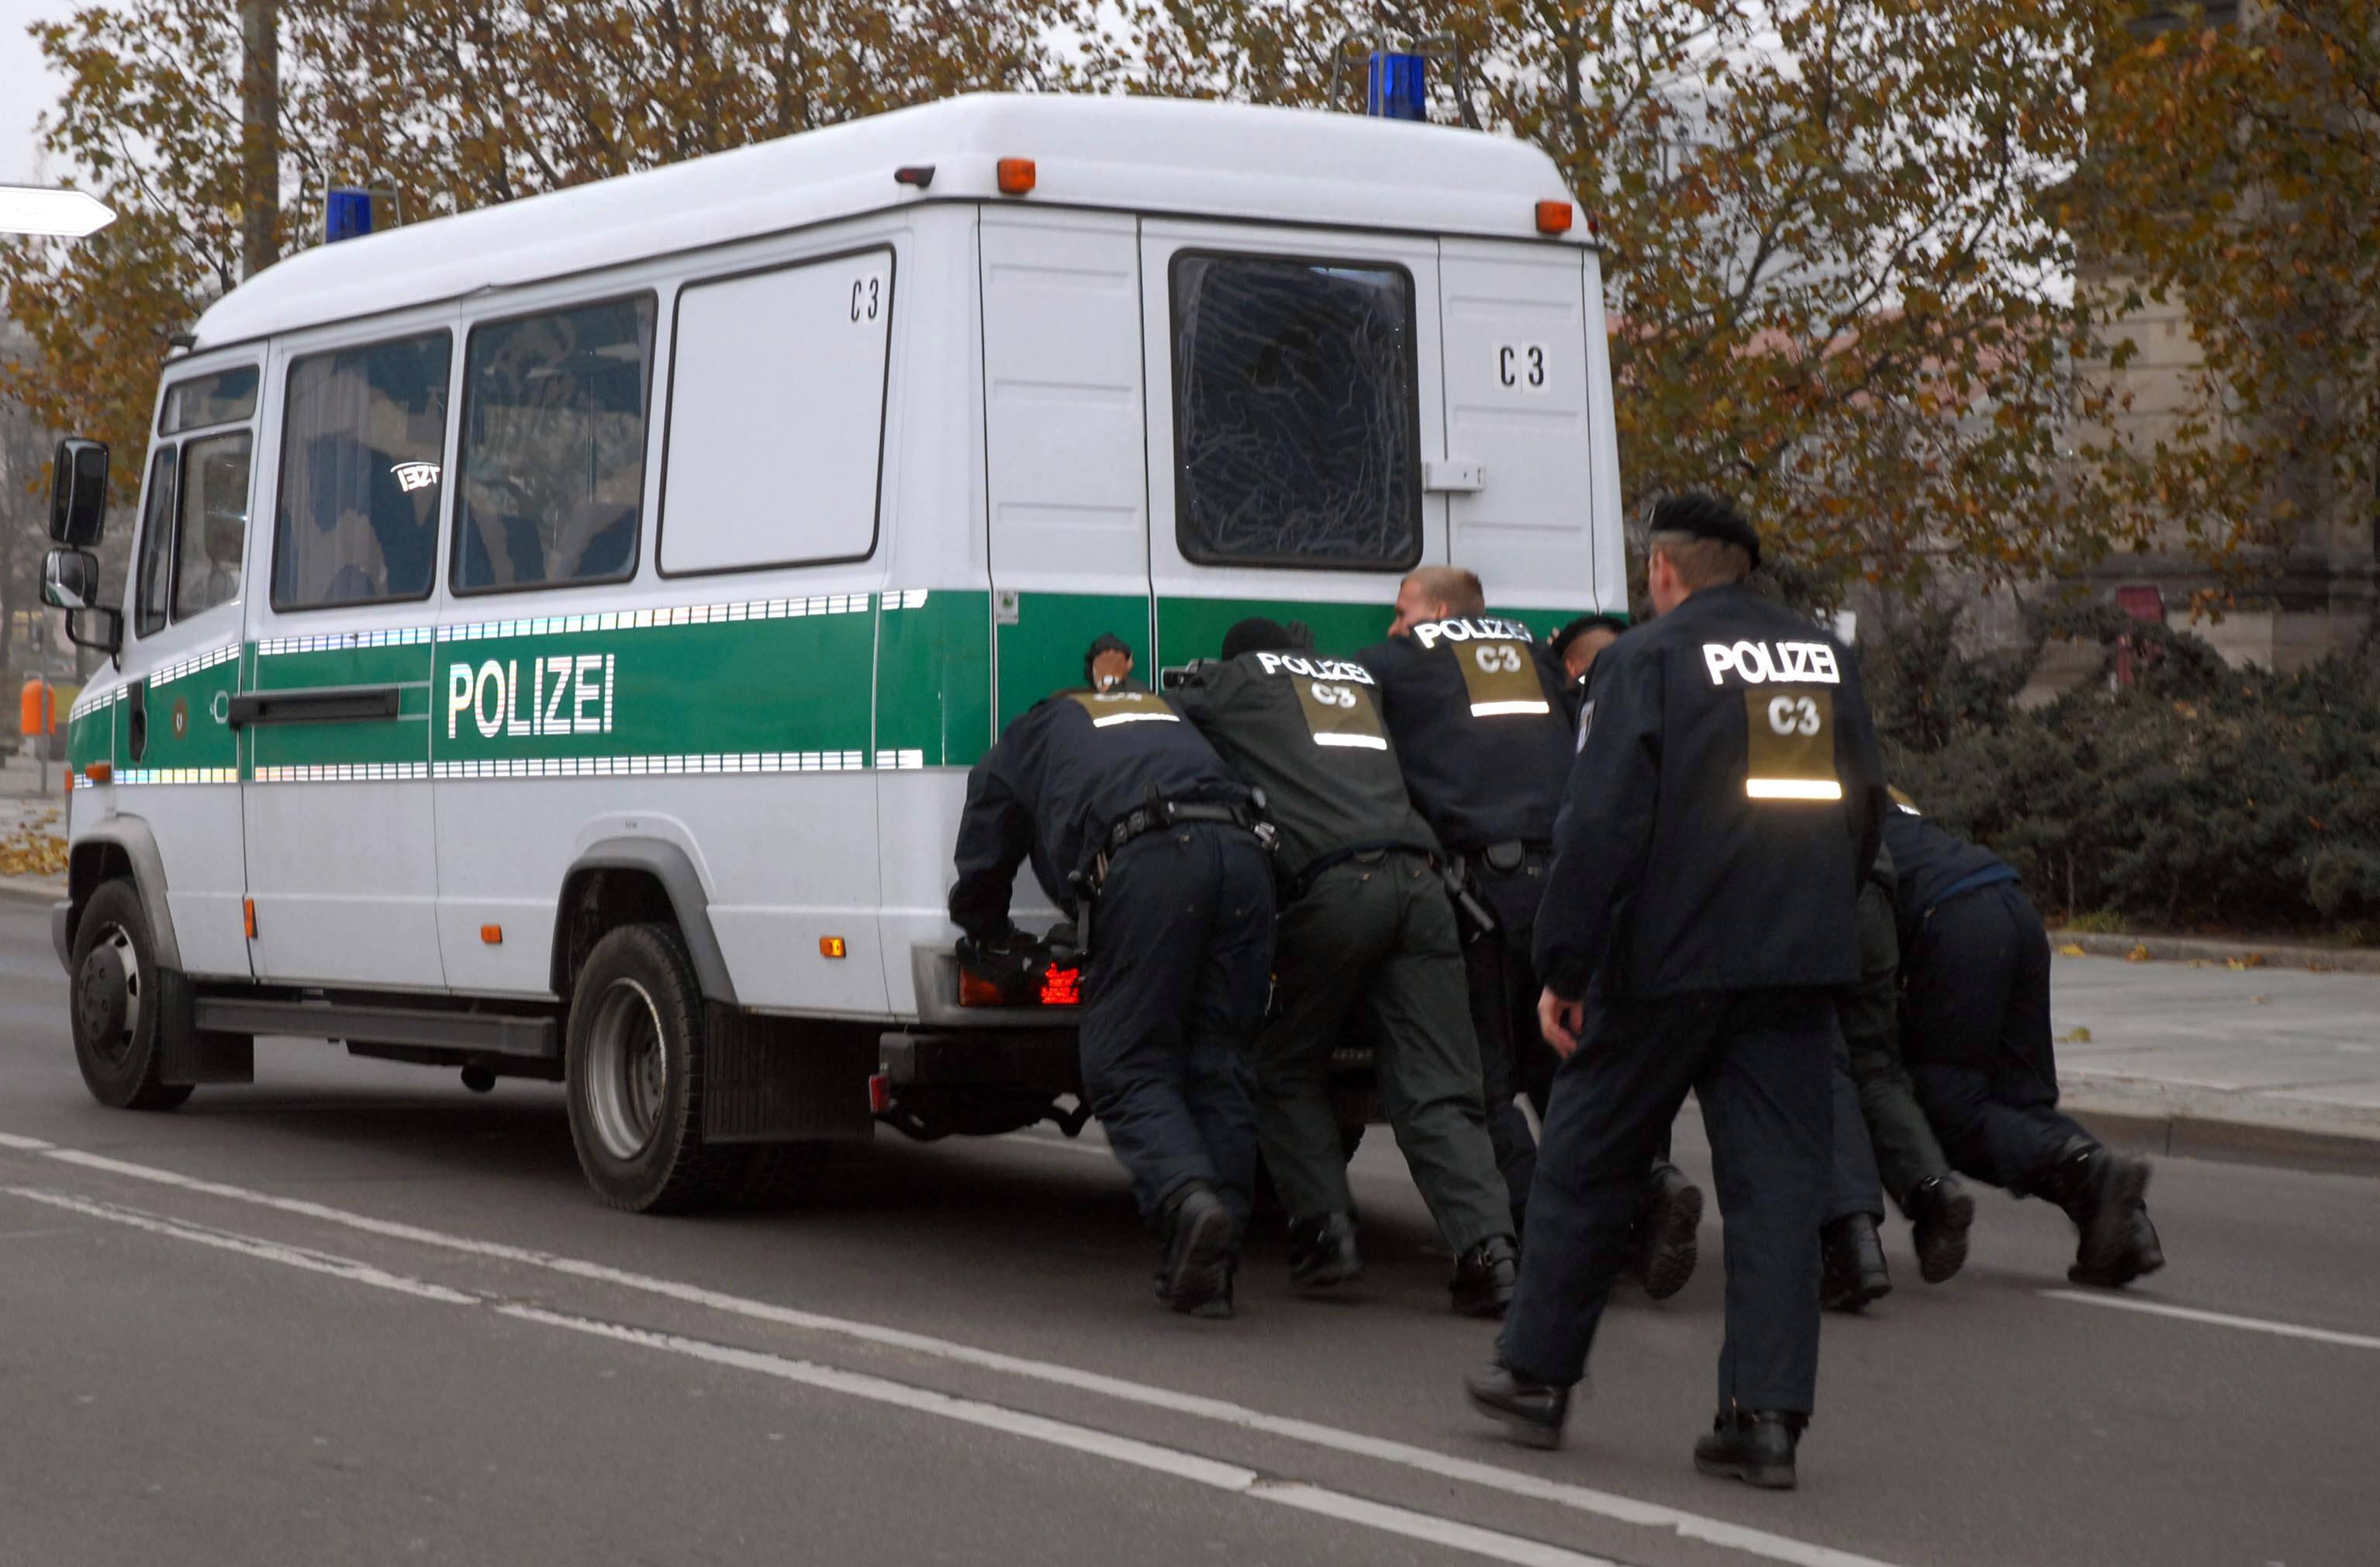 """""""Niemand will Bulle sein"""" – Ist der Polizeiberuf zu unattraktiv? - VICE"""